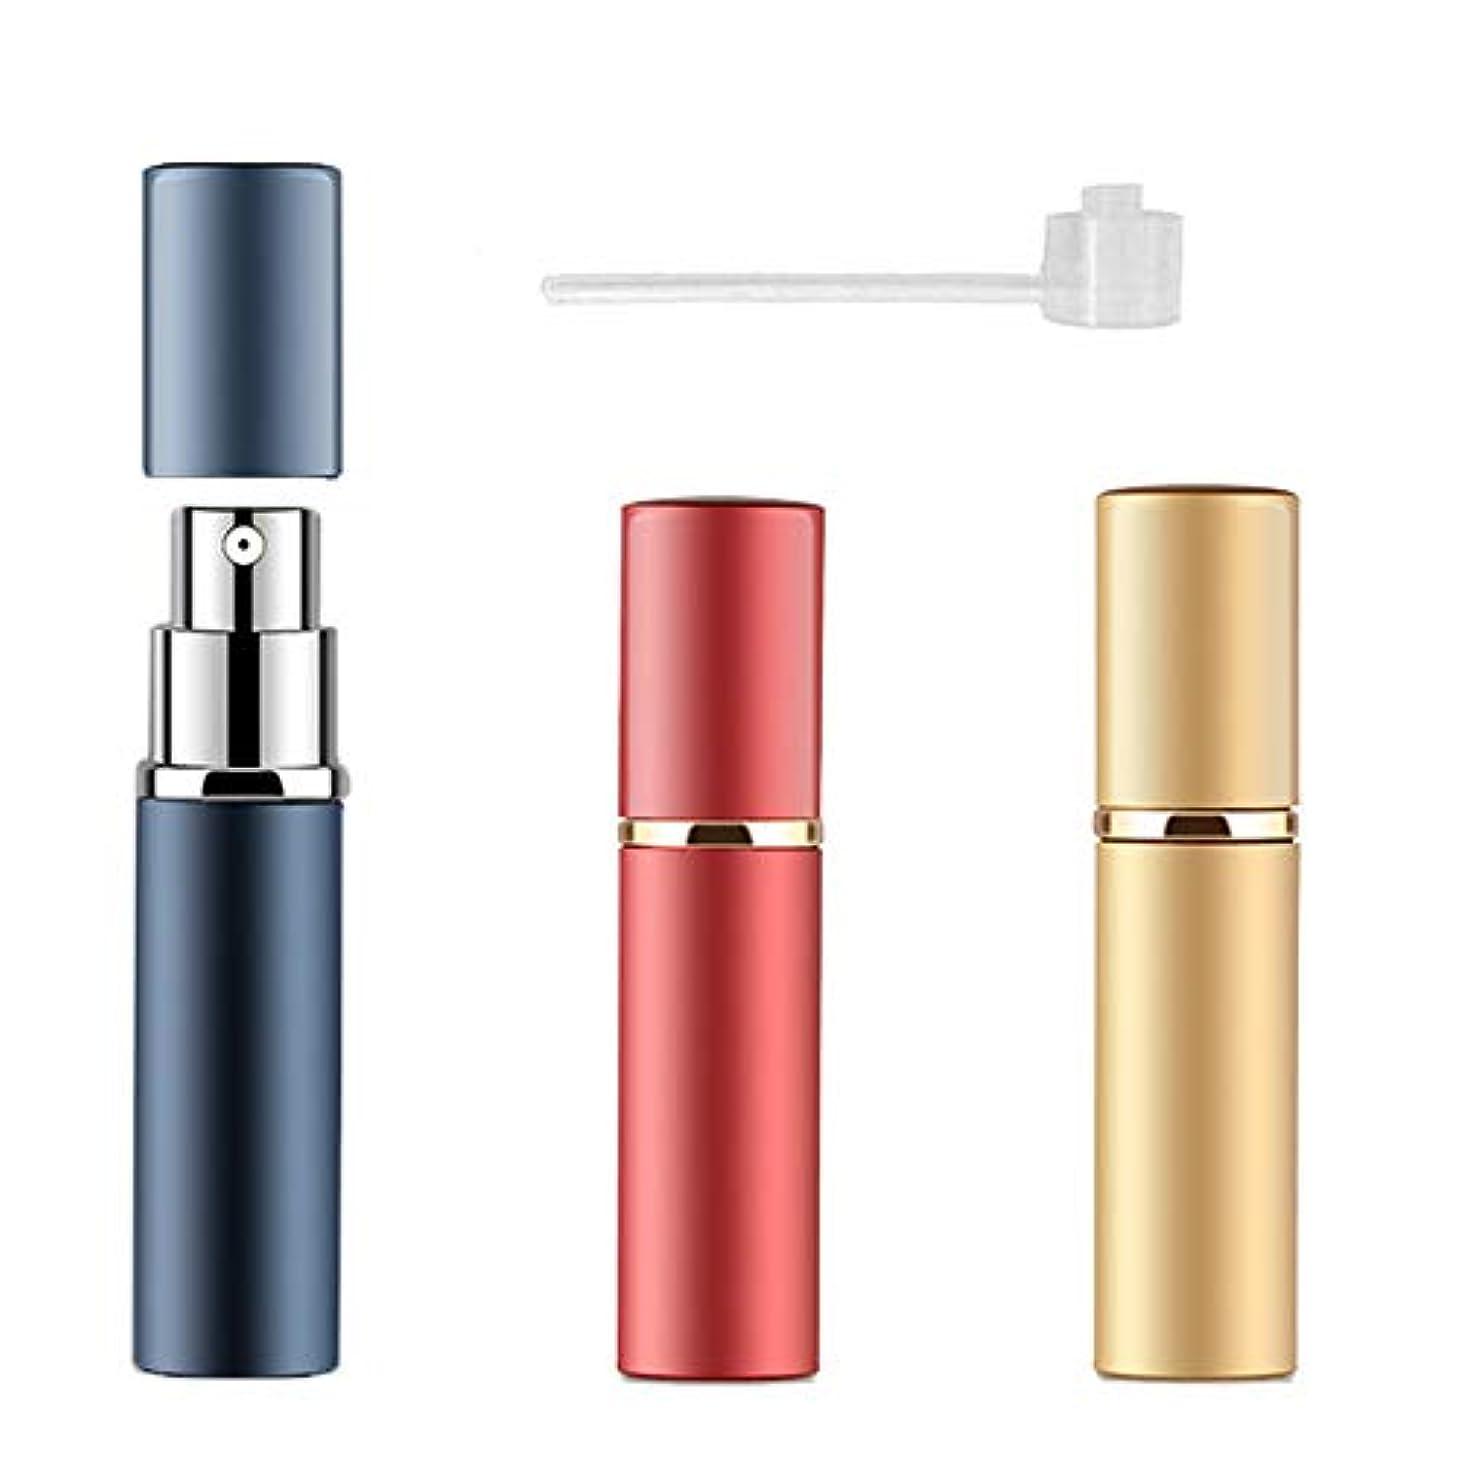 気配りのあるご注意論争的アトマイザ 香水 詰め替え容器 スプレーボトル 小分けボトル トラベルボトル 旅行携帯便利 (3色セット)